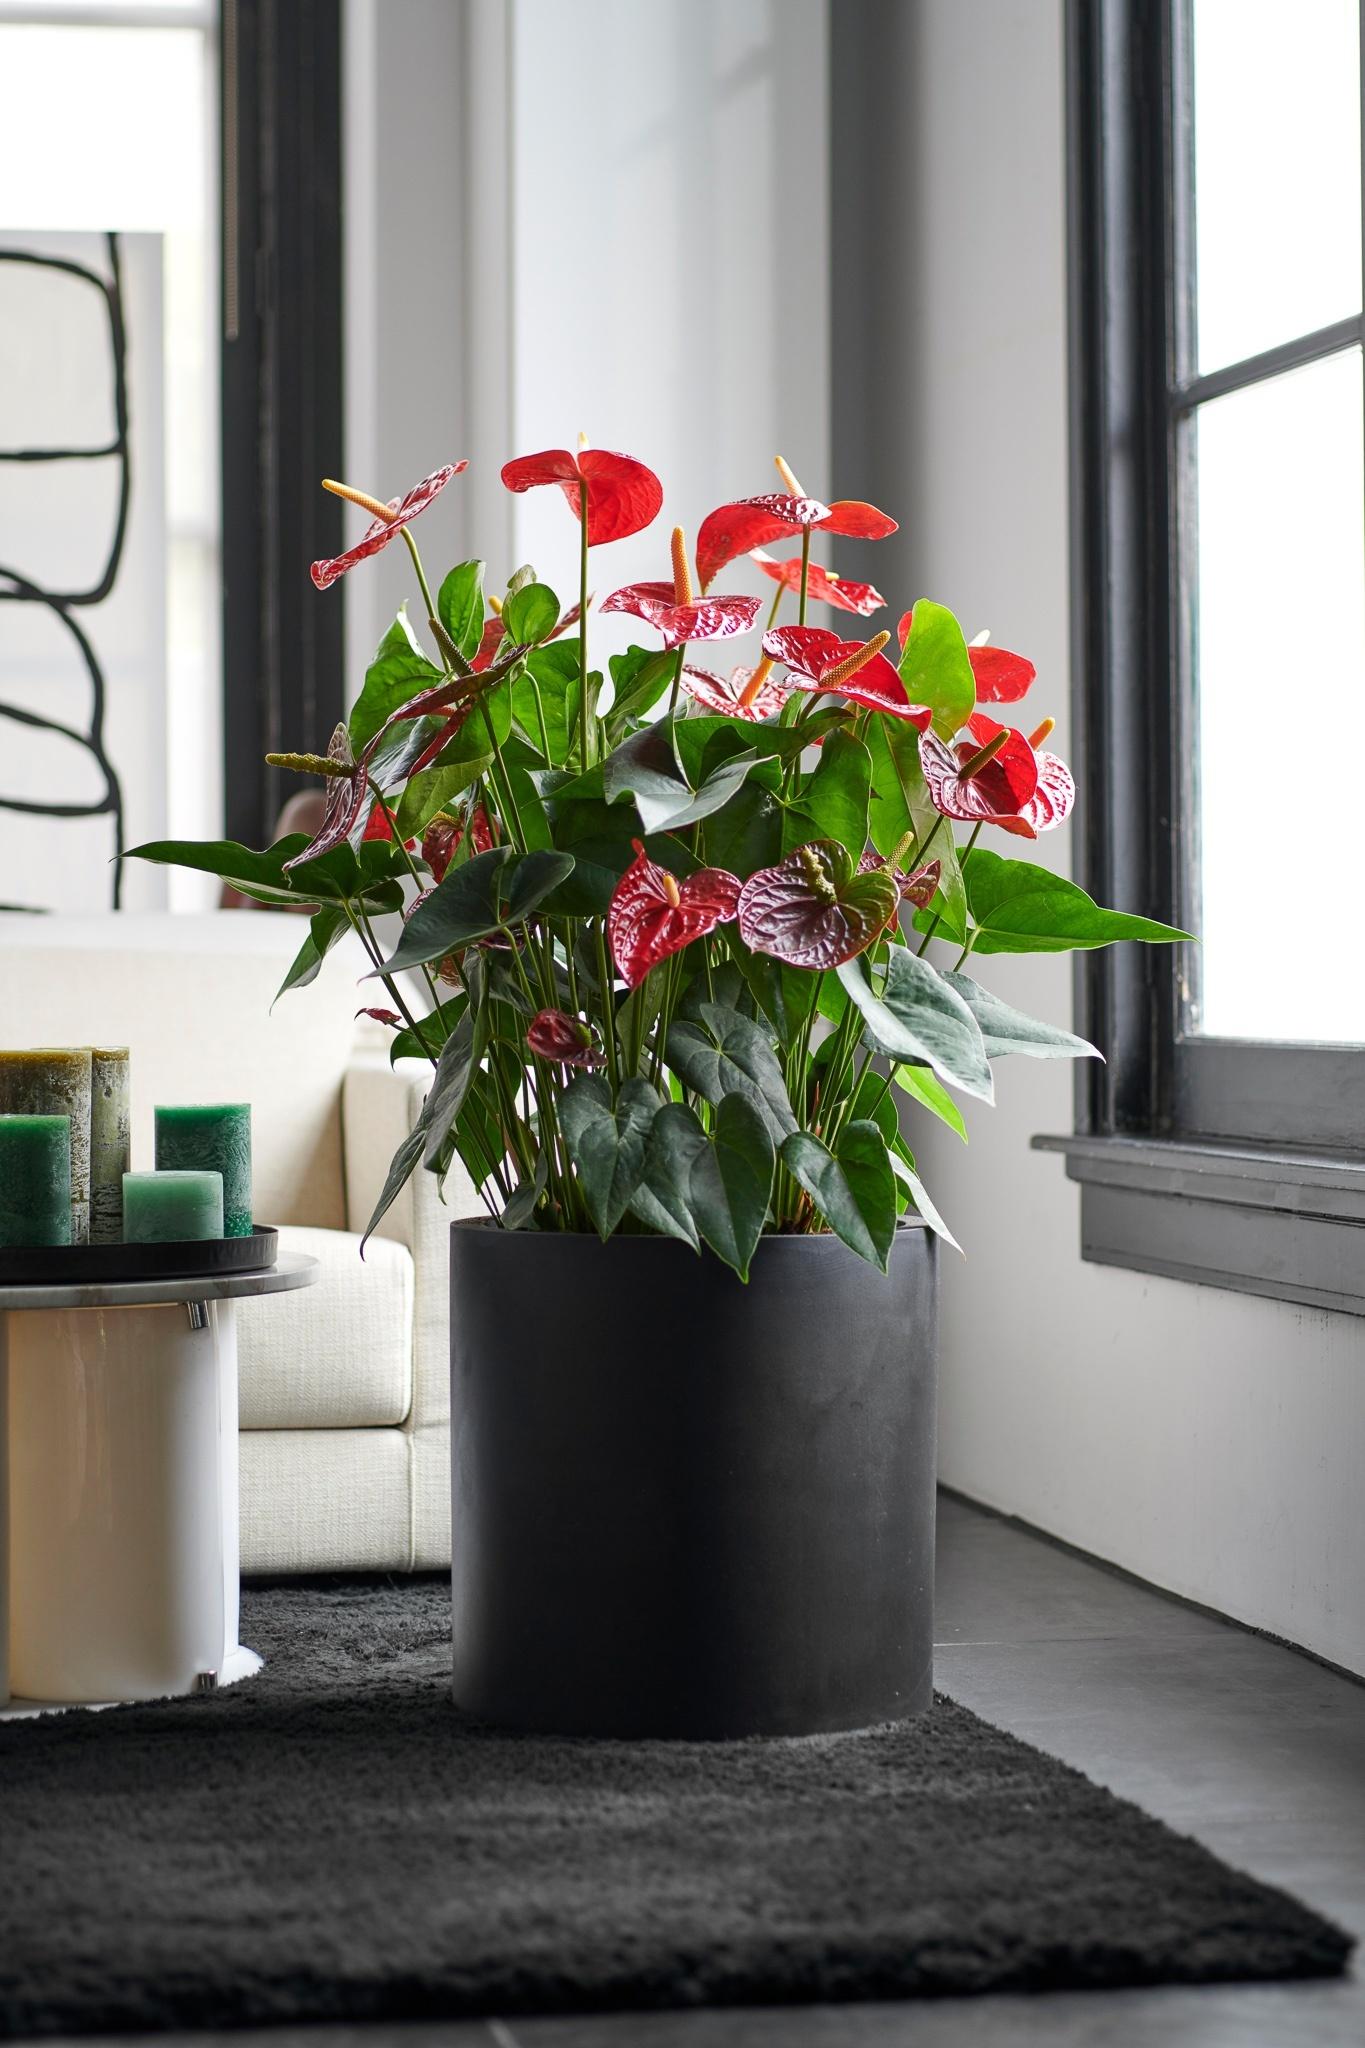 Bye, bye sapin de Noël, bonjour plante en pot!